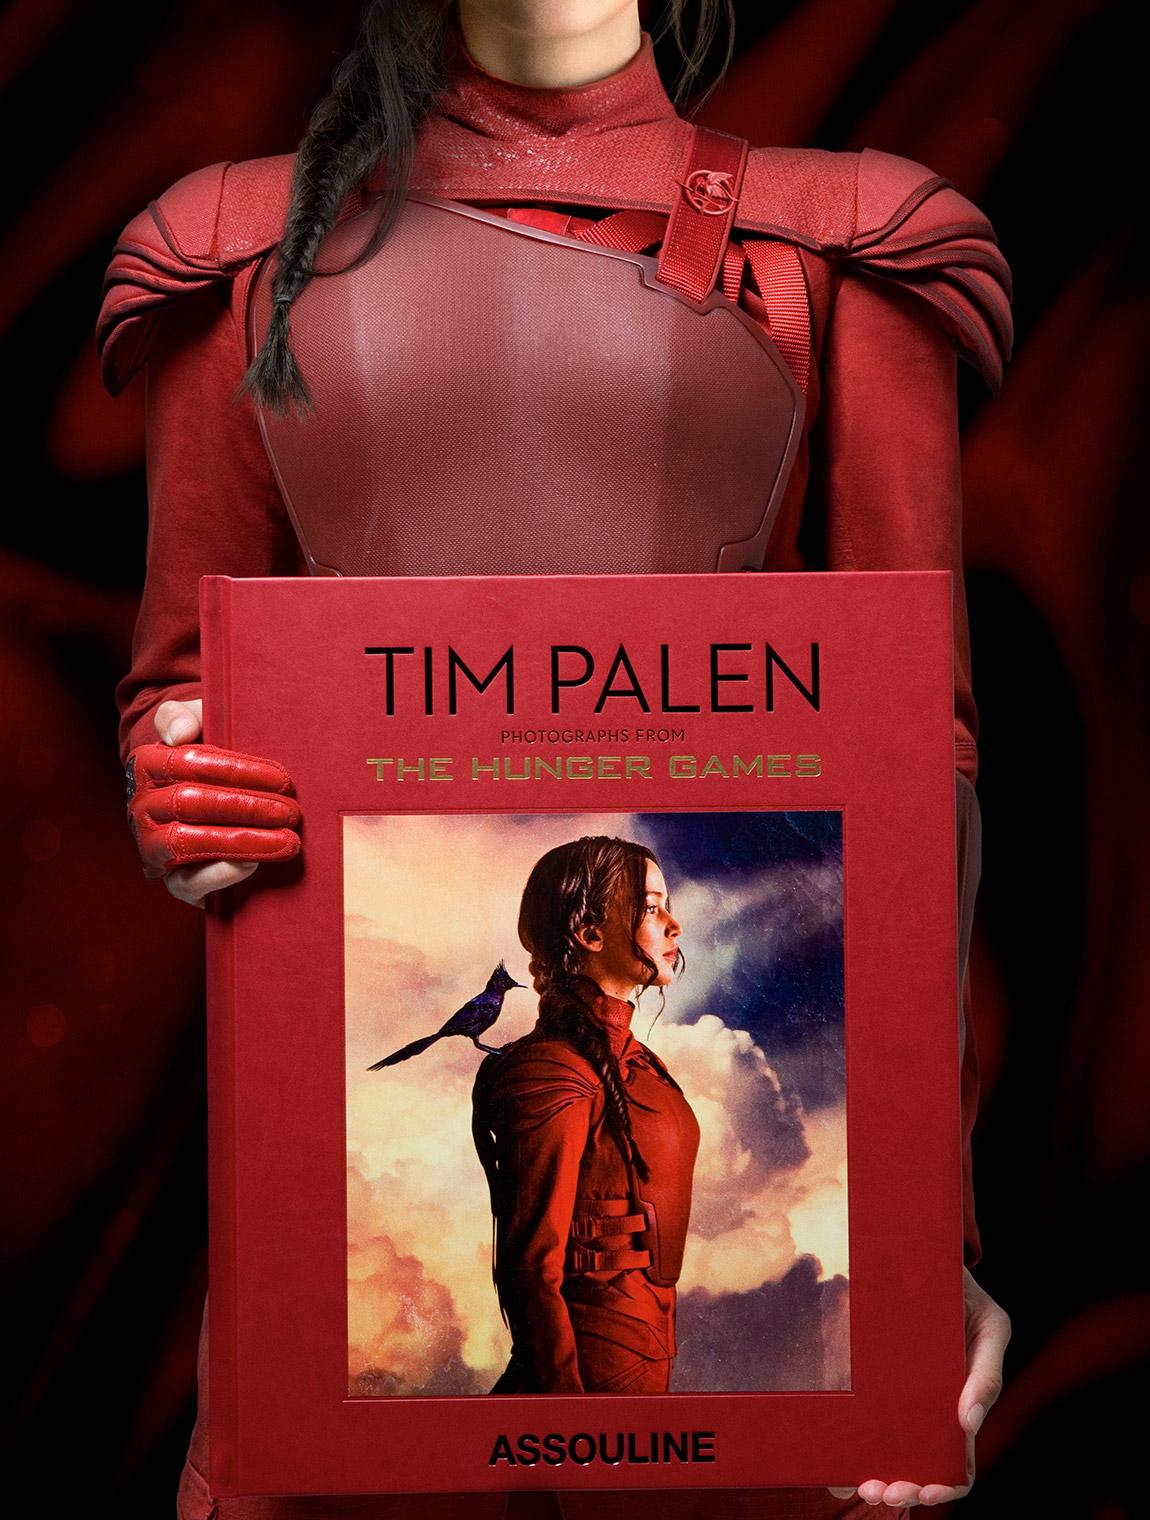 timpalen-monograph-hungergames-red.jpg